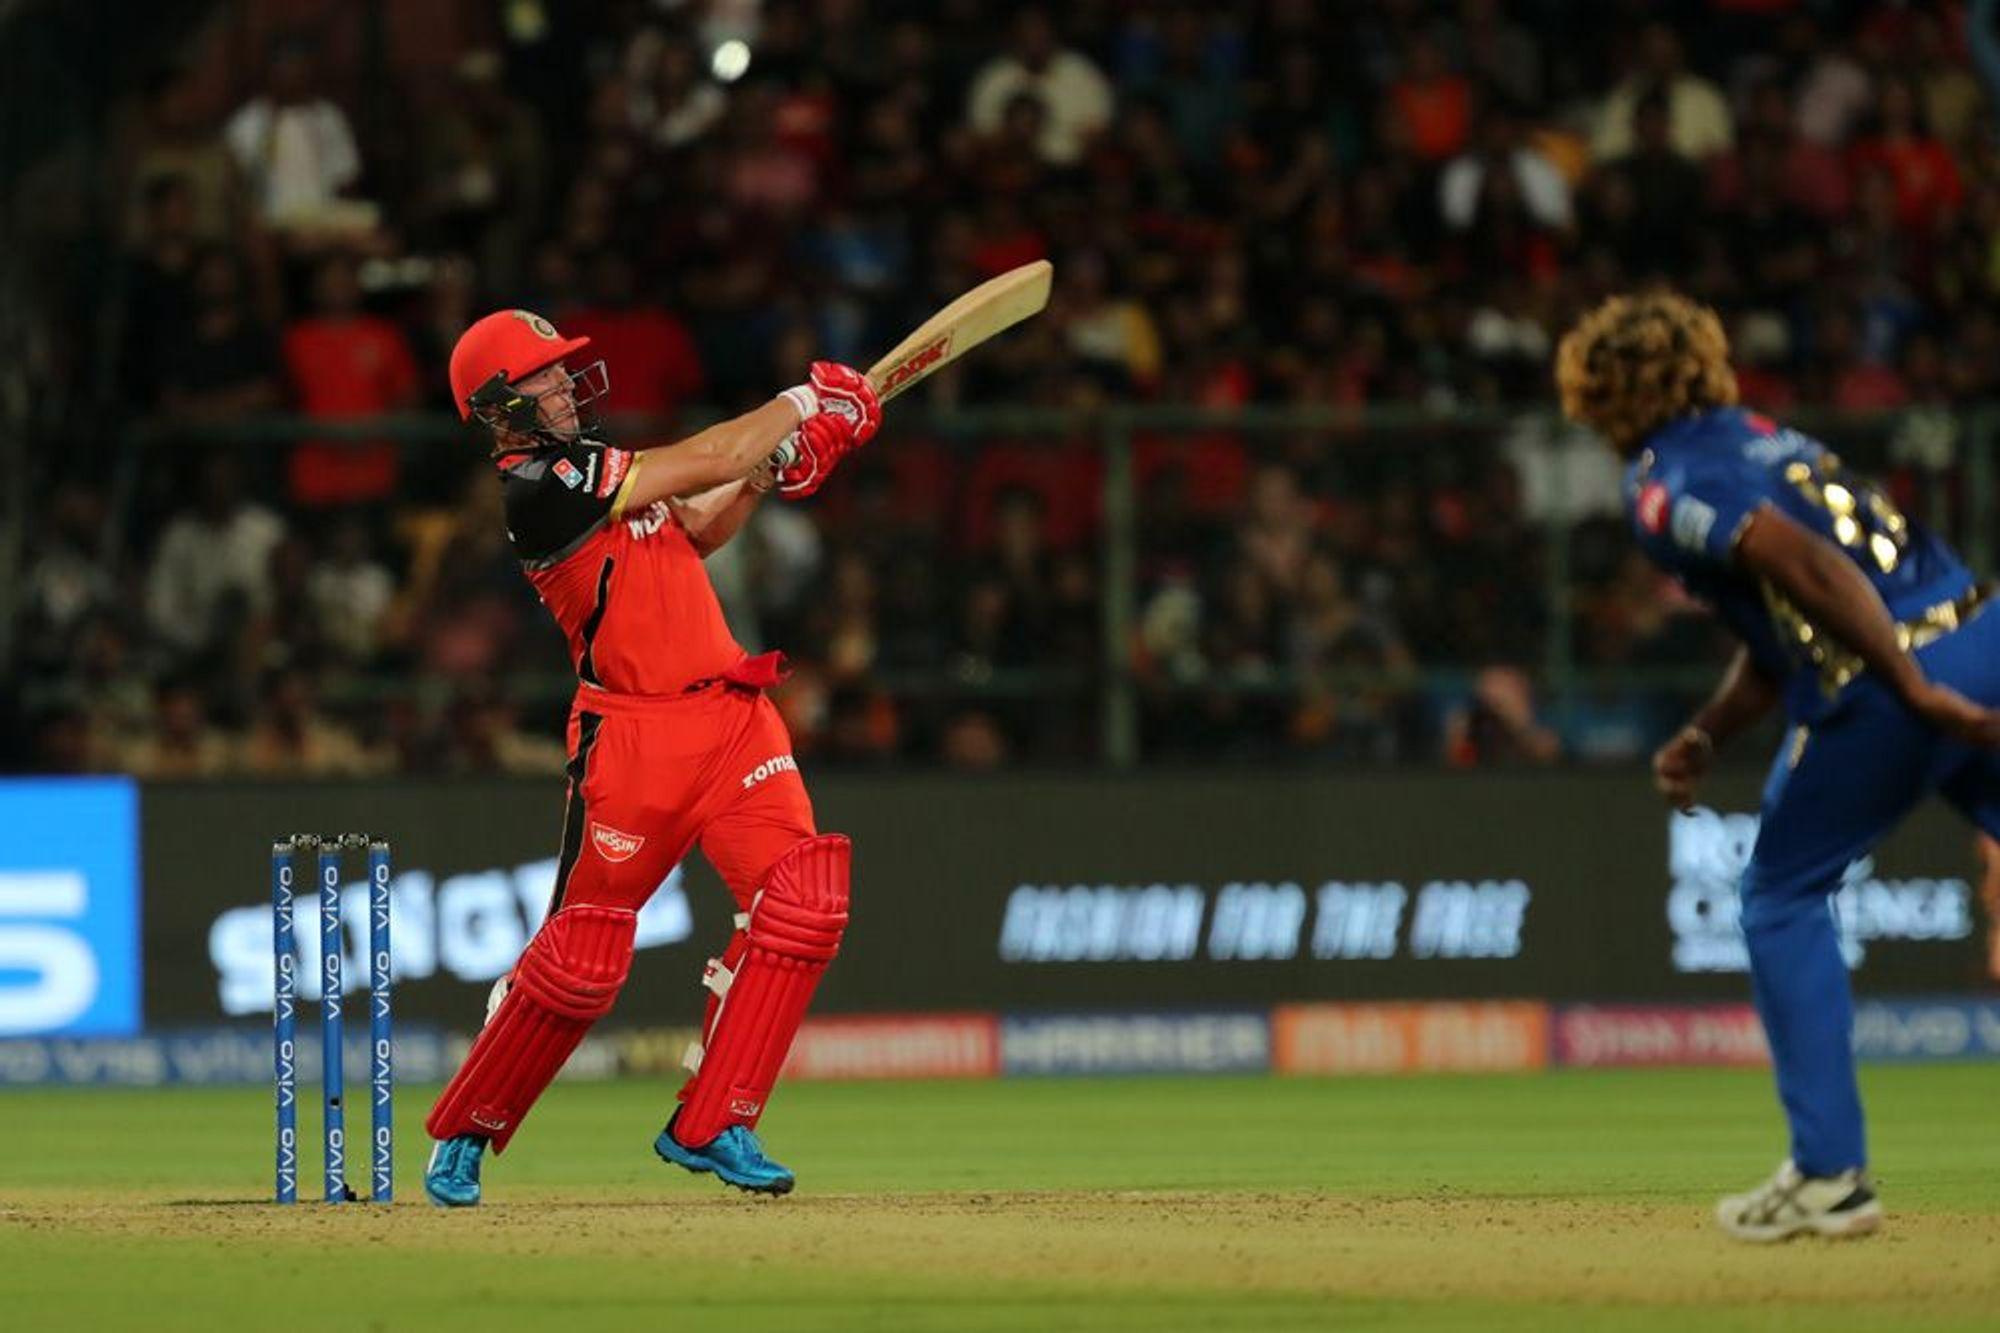 रॉयल चॅलेंजर्स बेंगळुरूच्या एबी डीविलियर्सने सर्वाधिक षटकार मारण्याच्या यादीत दुसरे स्थान पटकावले आहे. त्याने आतापर्यंत 143 सामन्यात 192 षटकार मारले आहेत.